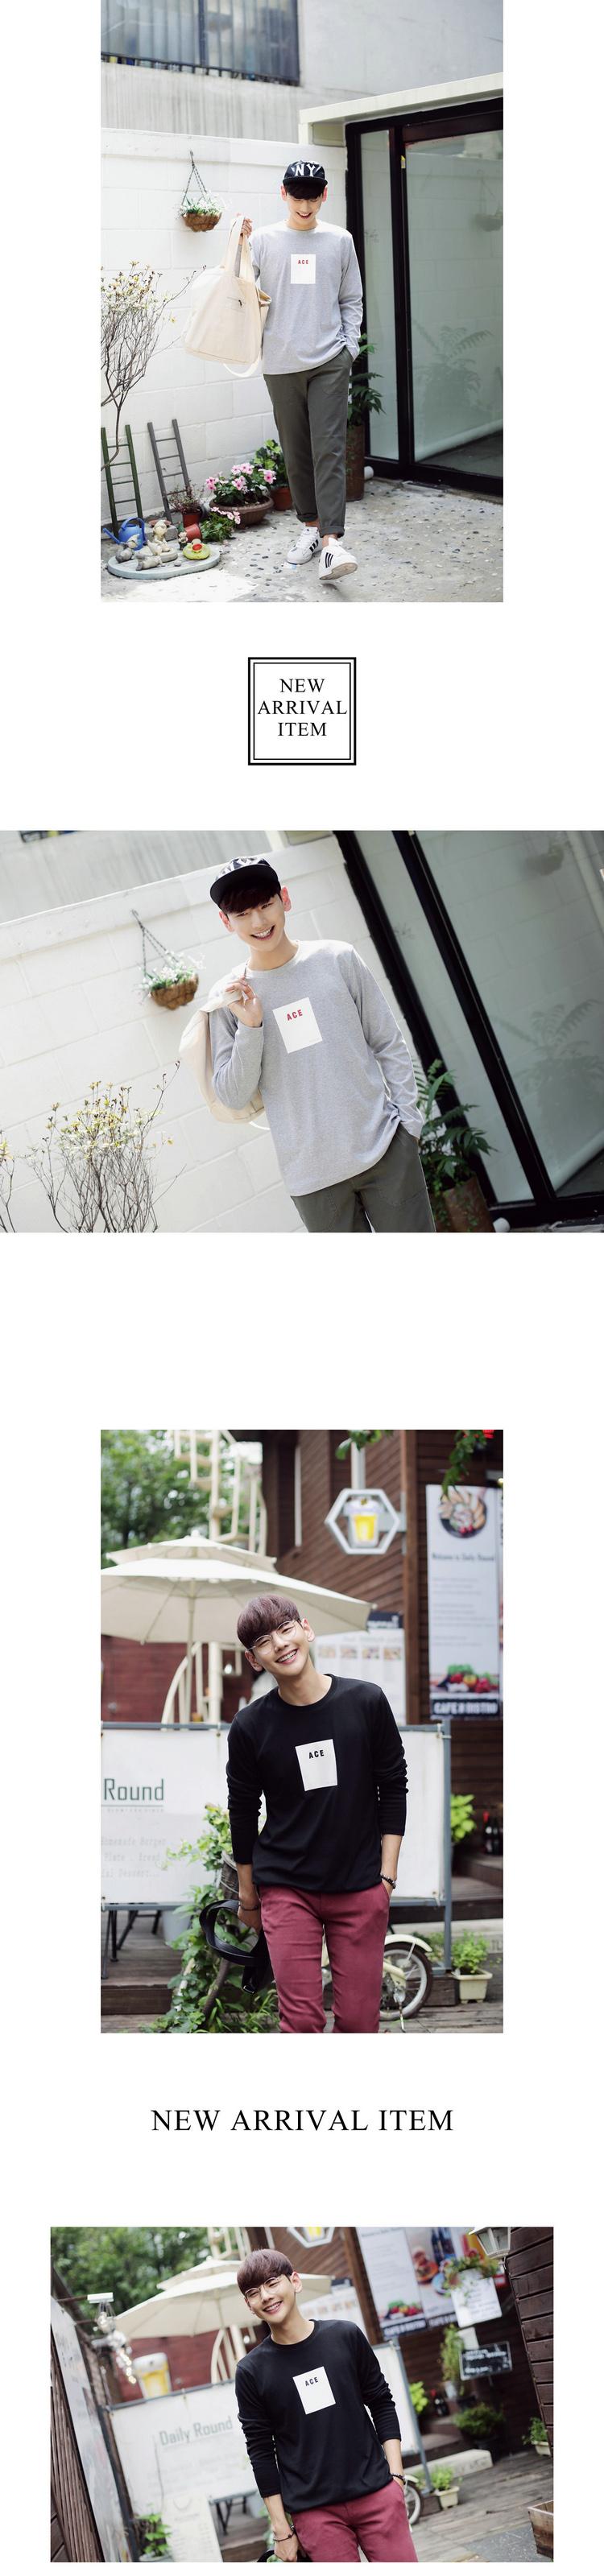 ◆快速出貨◆長袖T恤.情侶裝.班服.MIT台灣製.獨家配對情侶裝.客製化.純棉長T.簡約方框ACE【YL0505】可單買.艾咪E舖